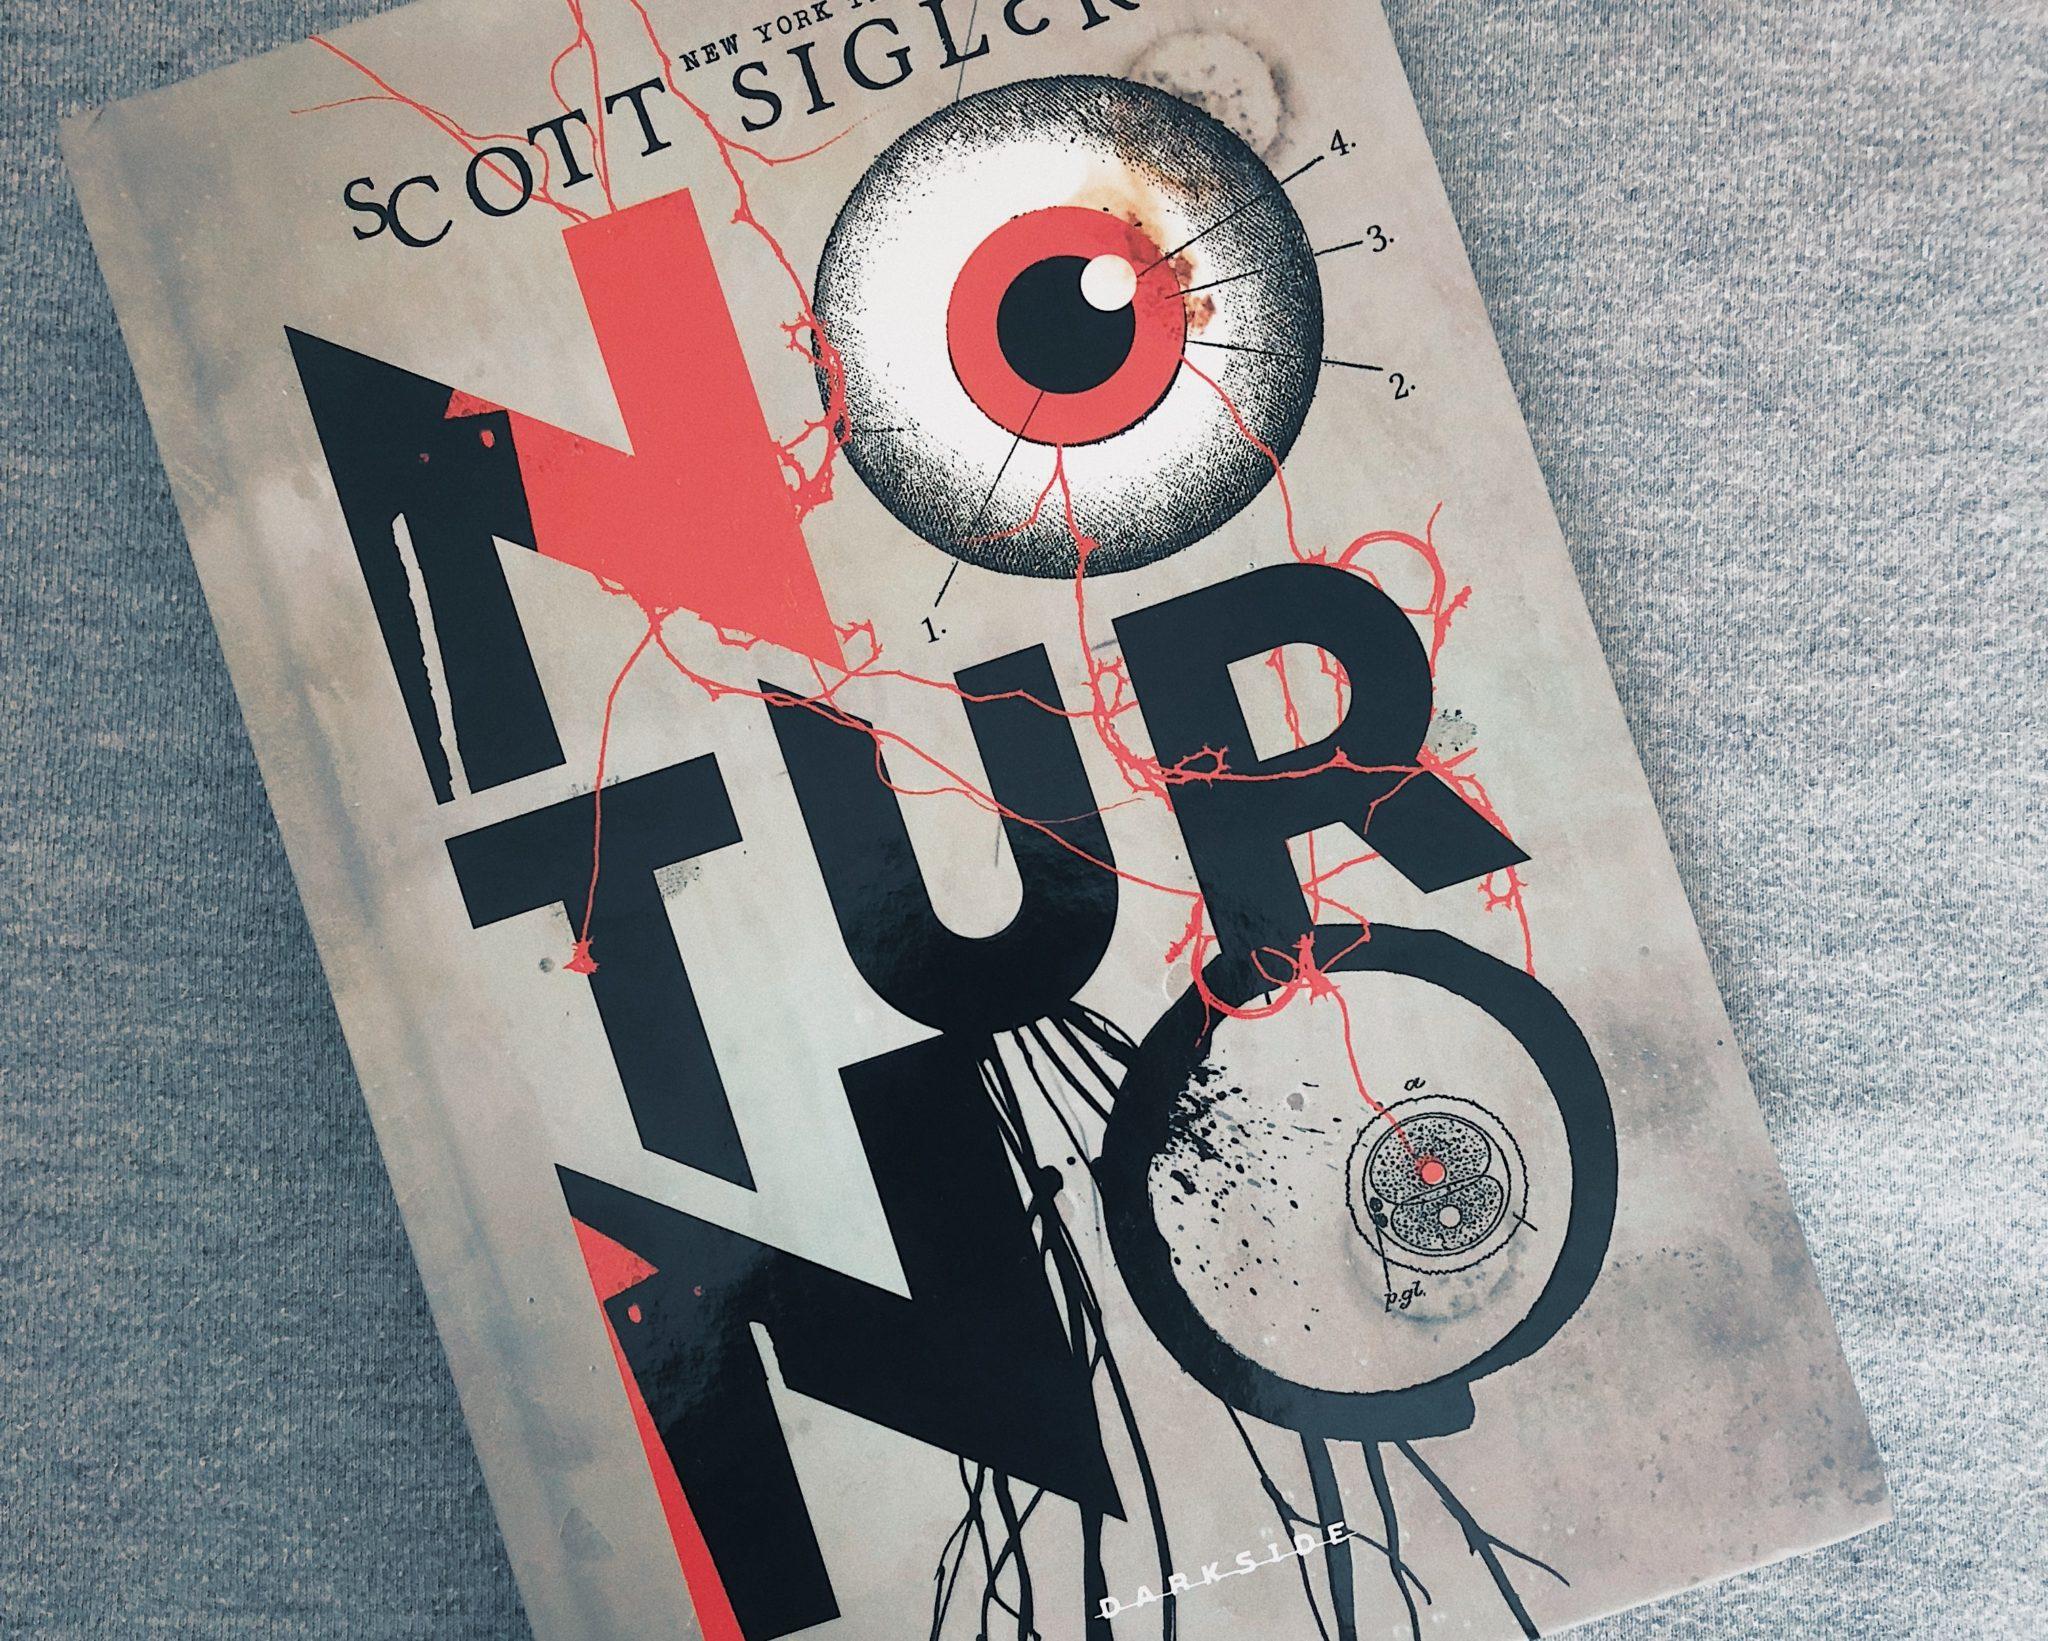 Noturno – Scott Sigler